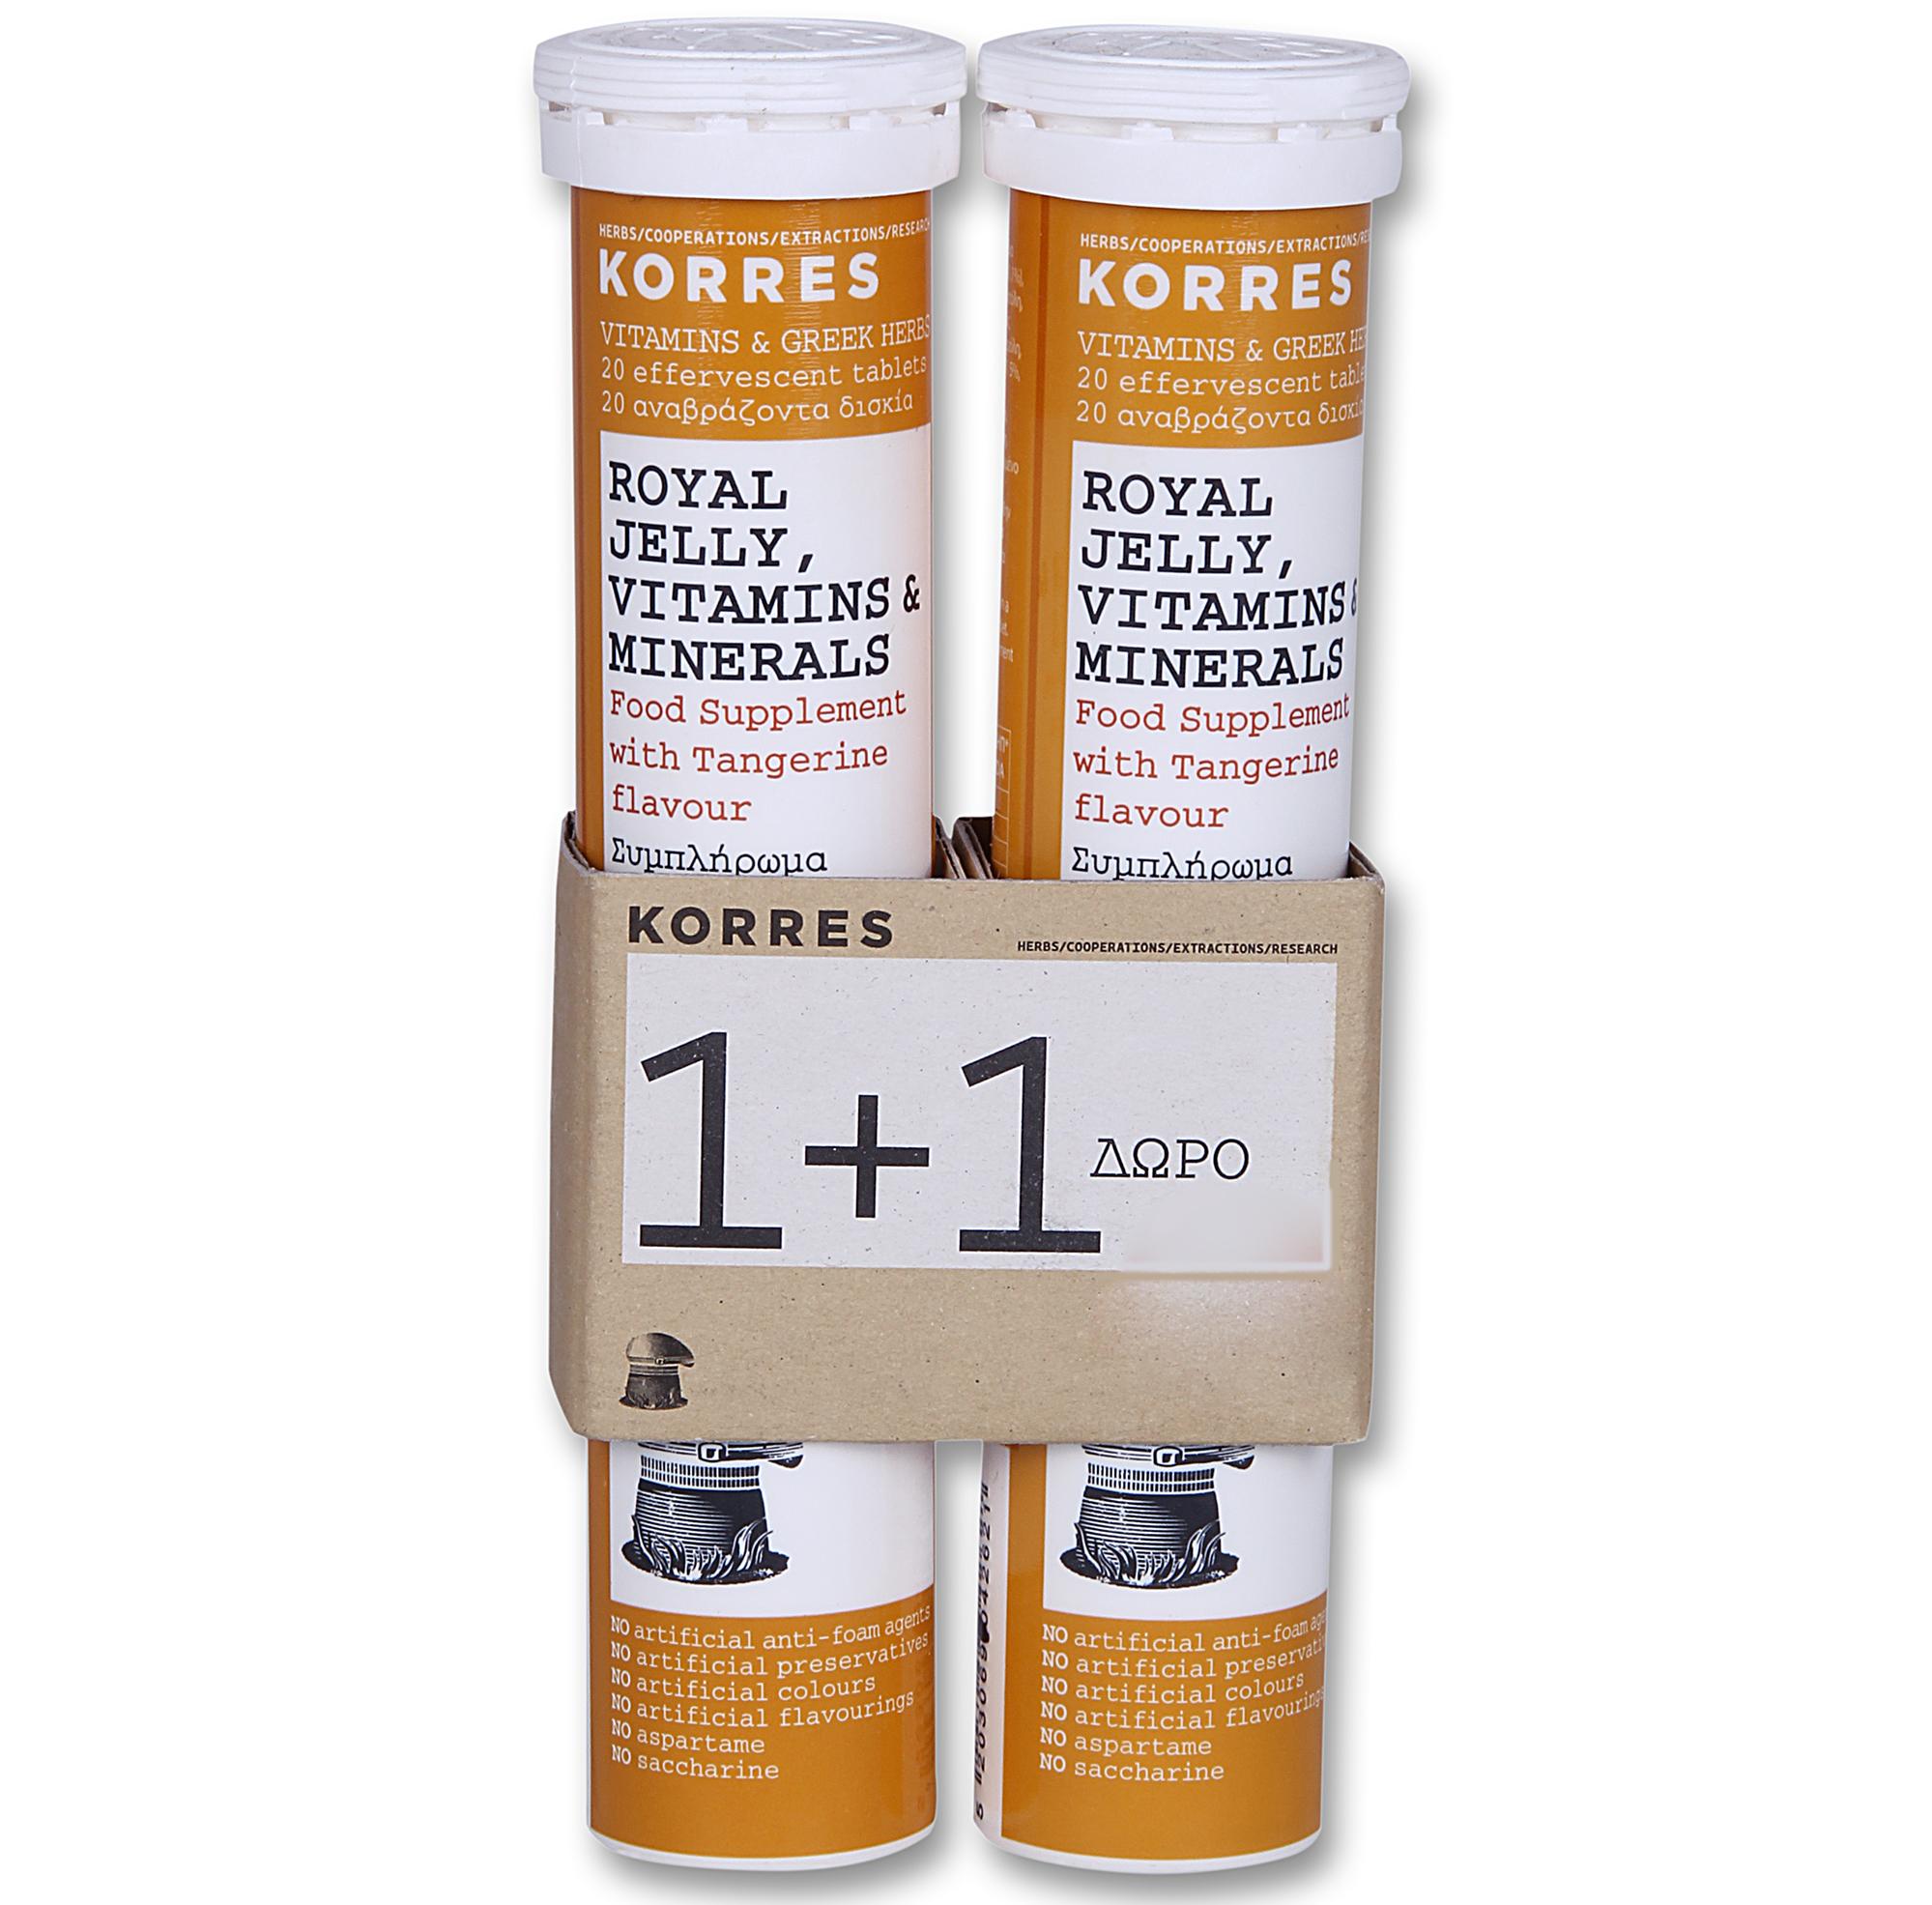 Korres Royal Jelly Βασιλικός Πολτός Βιταμίνες & Μέταλλα 1+1 ΔΩΡΟ 2×20 Αναβρ. Δισκία